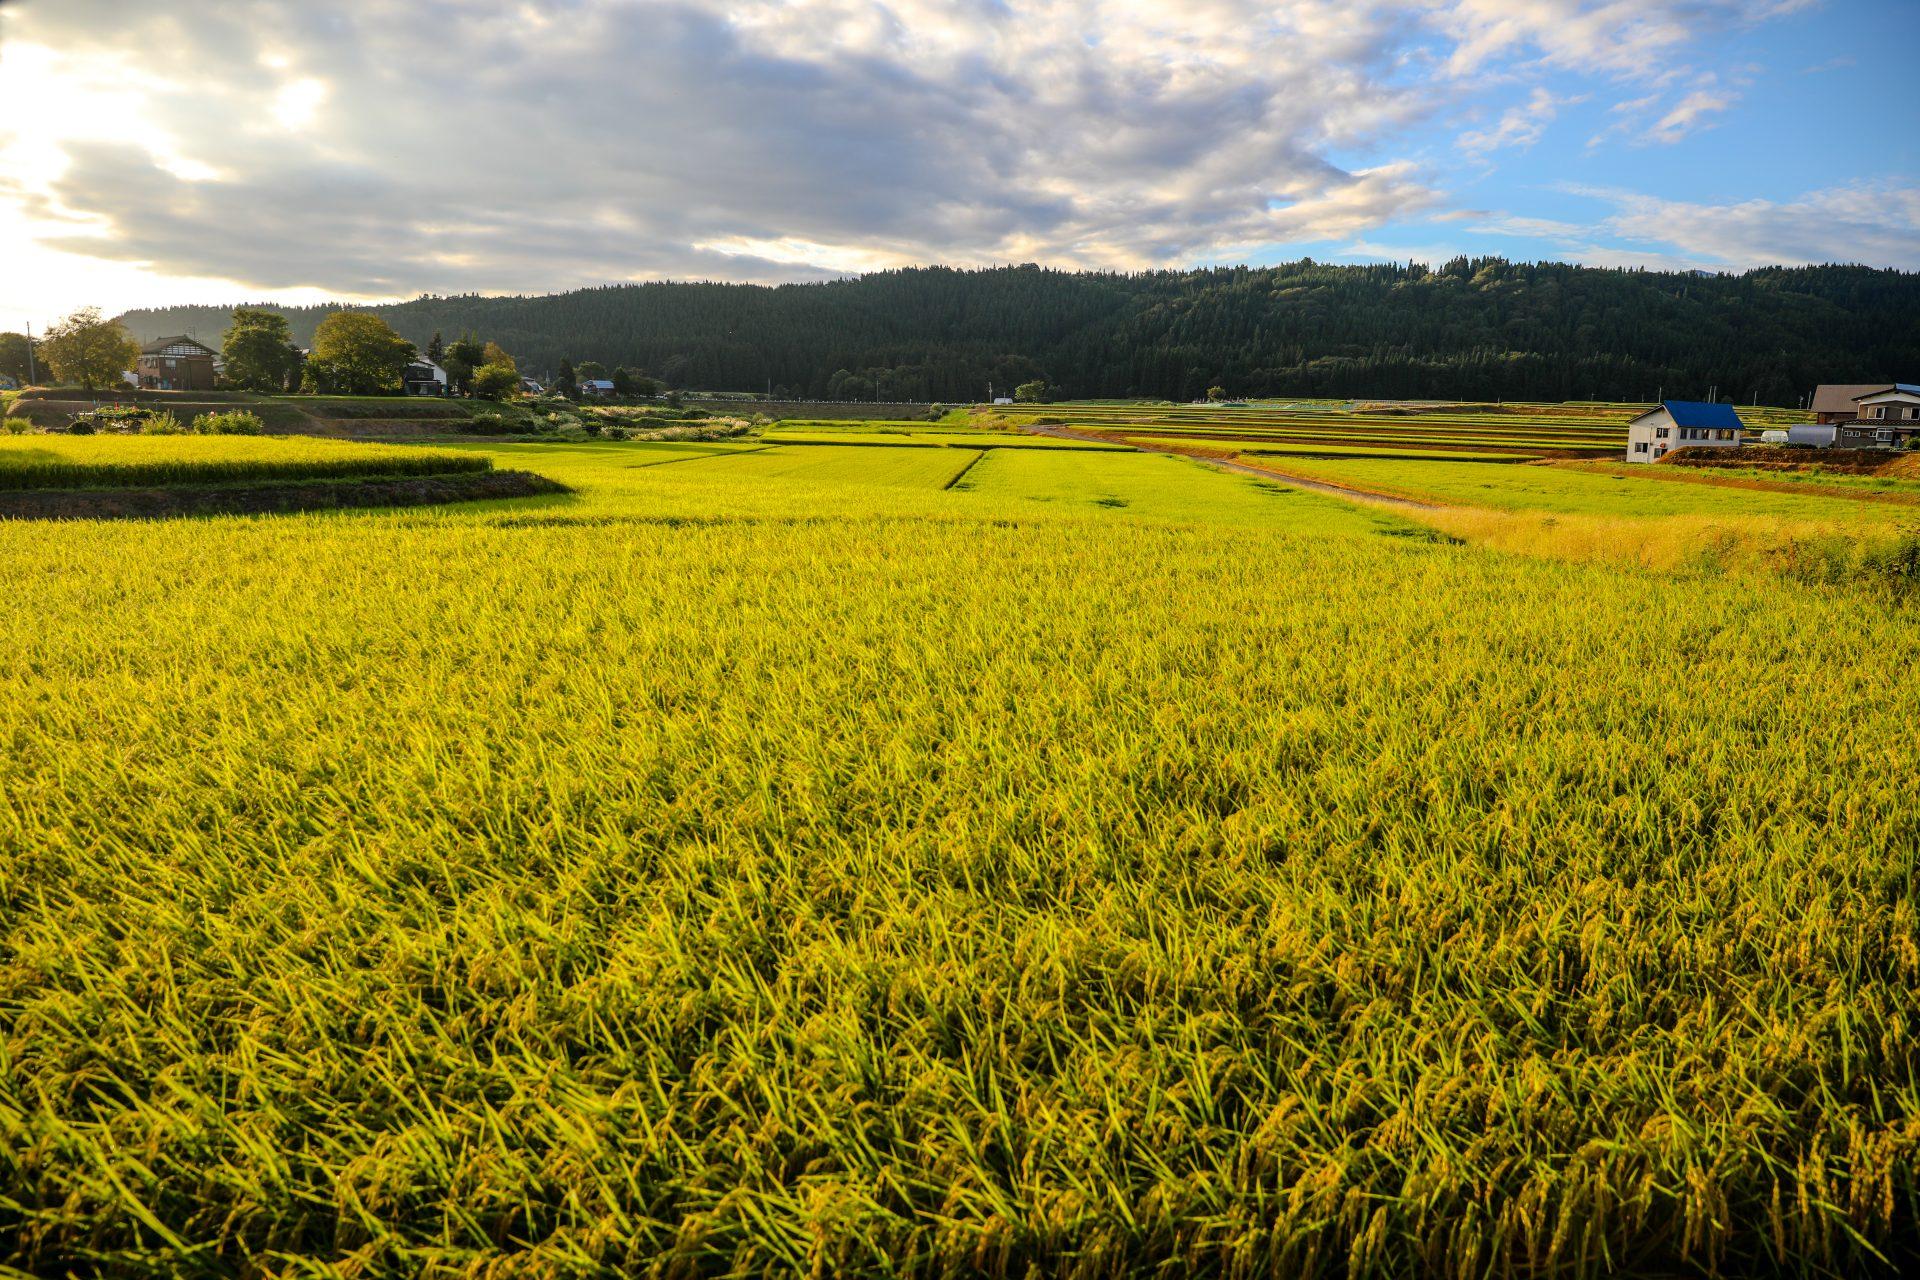 恵まれた気候と名水、そして日本一の信濃川が流れる米作りに最適な砂上腐植土。これらが産んだ「満作米」